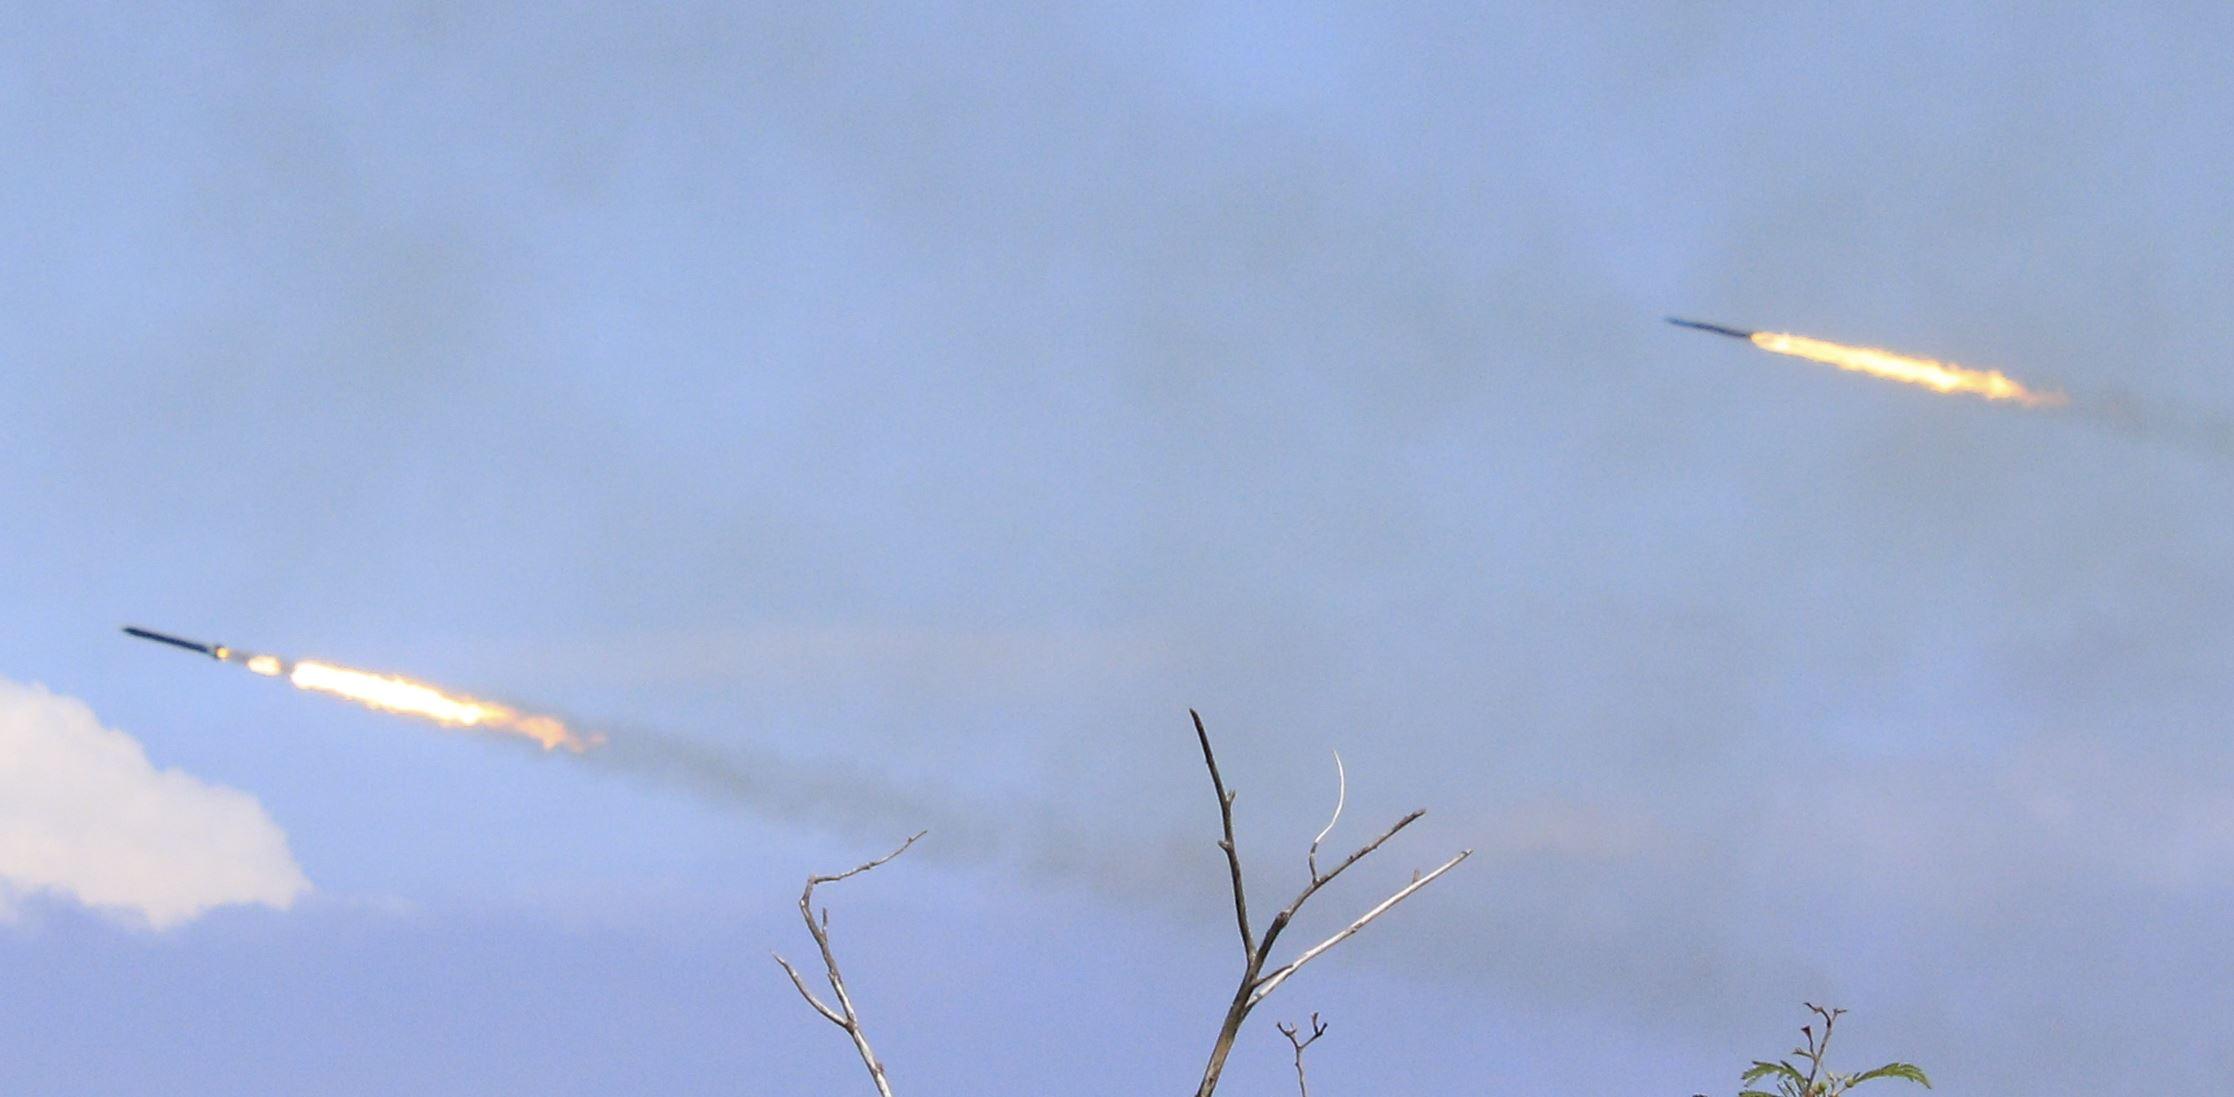 漢光卅五號演習於屏東滿豐射擊場實施,圖為雷霆2000多管火箭。〔記者林士傑/屏東拍攝〕